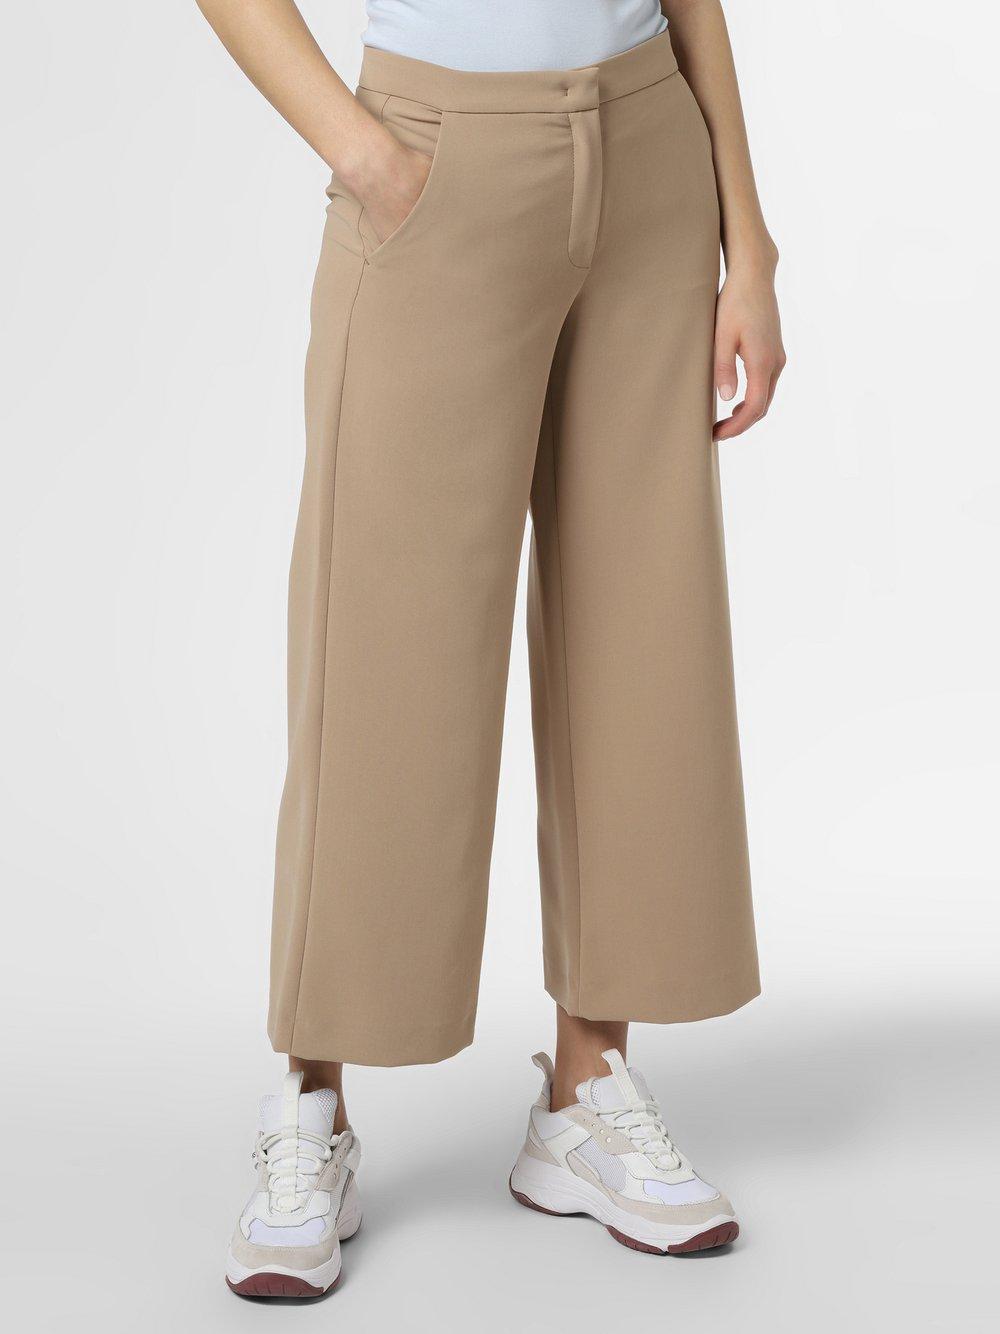 RAFFAELLO ROSSI - Spodnie męskie – Palina R, beżowy